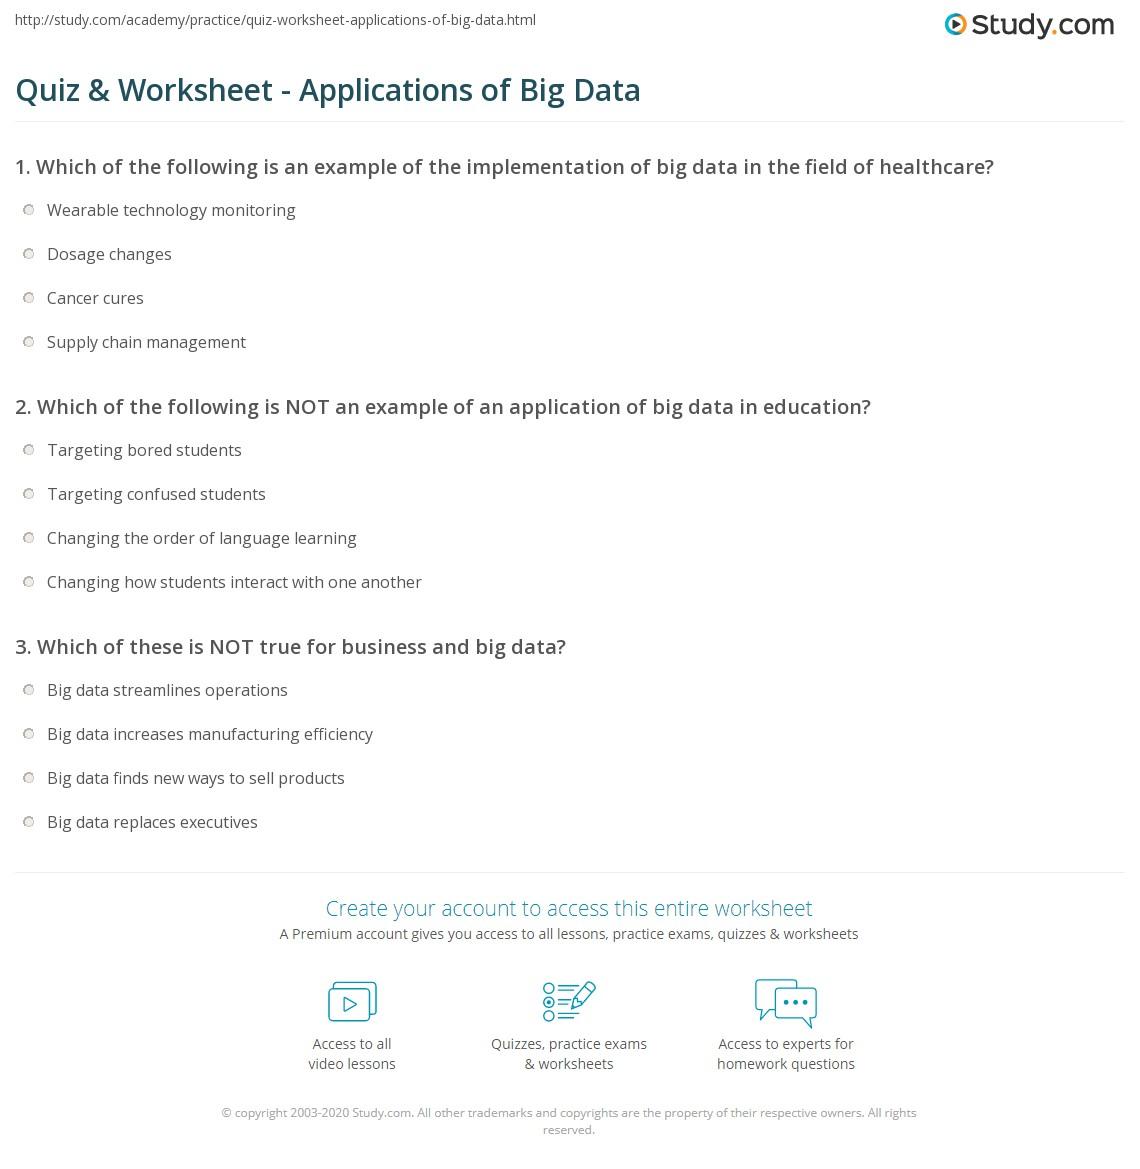 quiz worksheet applications of big data. Black Bedroom Furniture Sets. Home Design Ideas